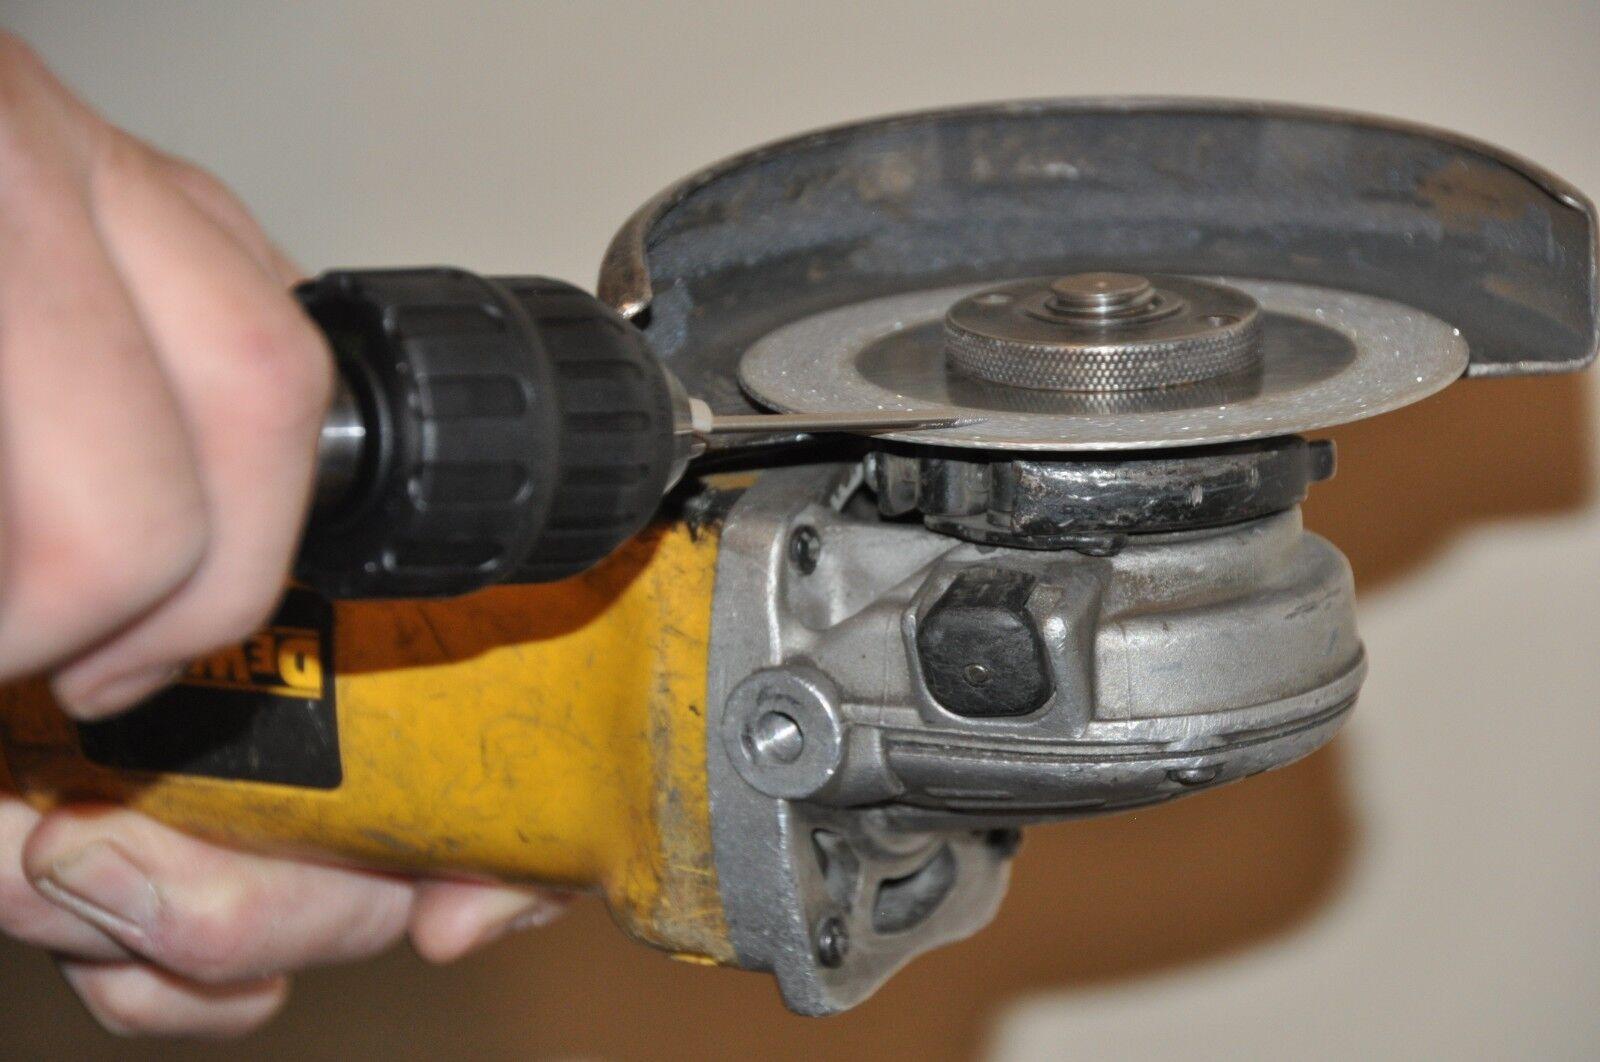 Tru-Point Tungsten Electrode Sharpener